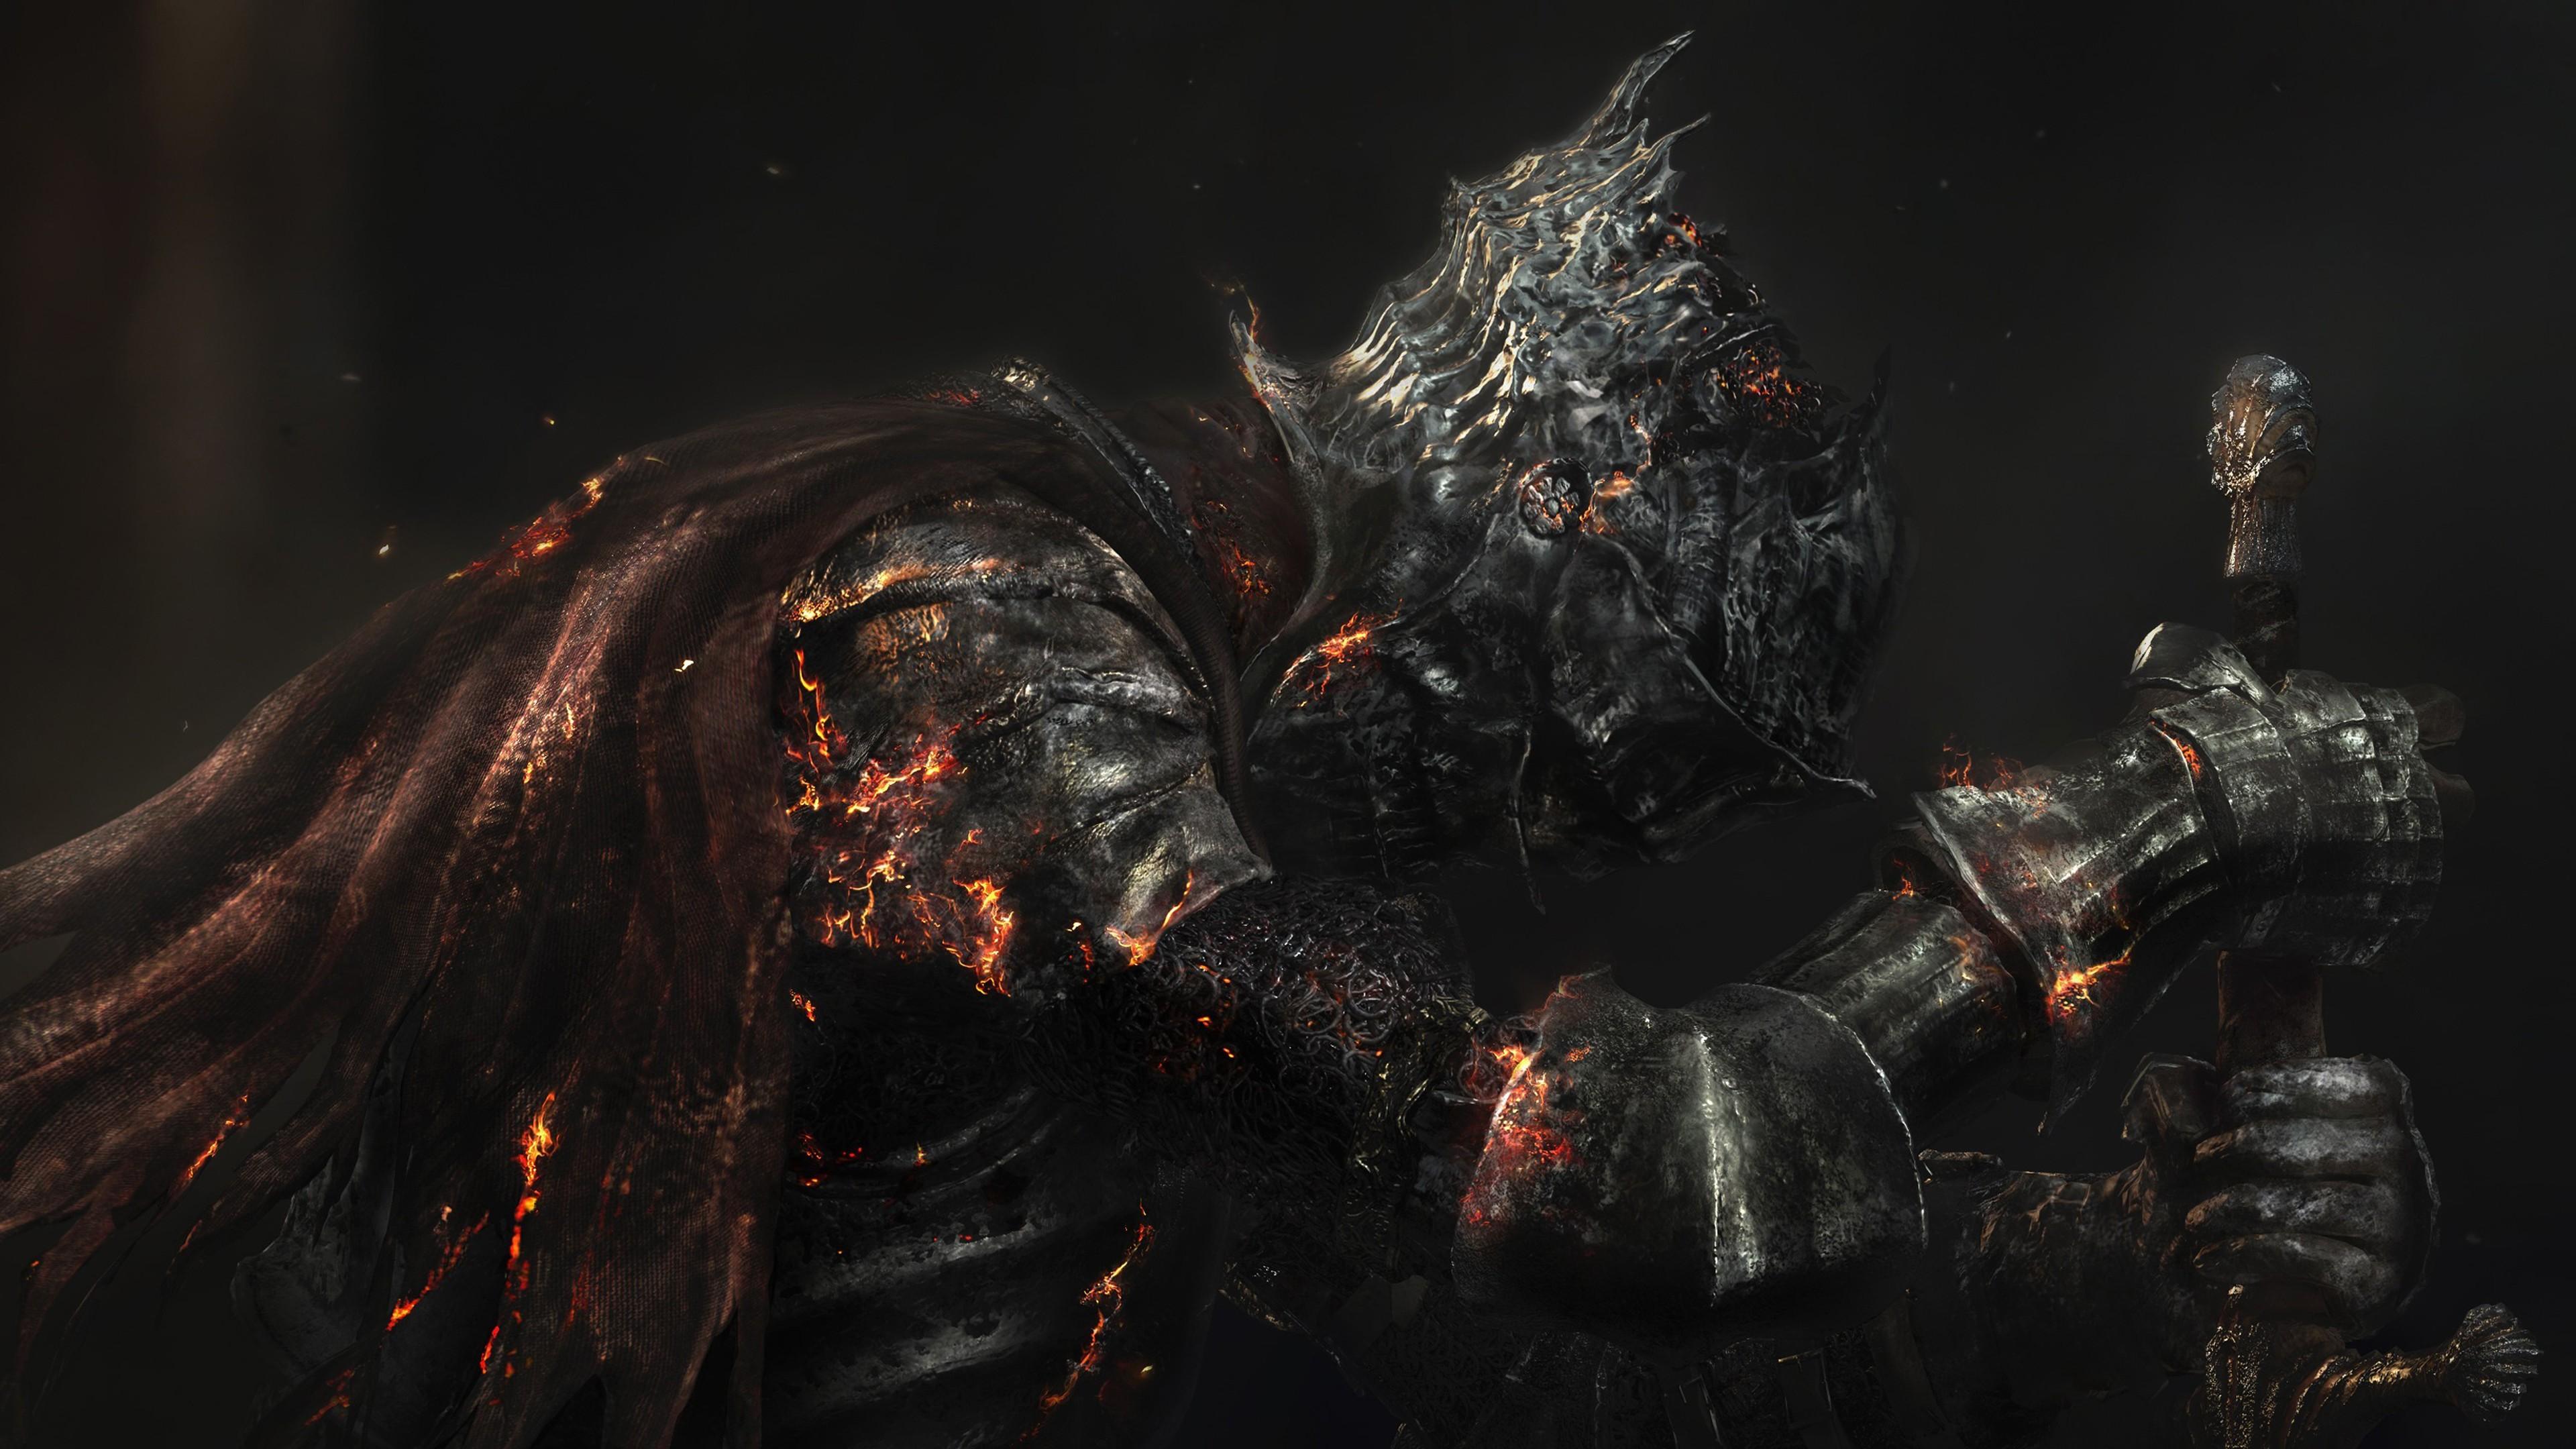 3840x2160px Dark Souls 3 Animated Wallpaper Wallpapersafari